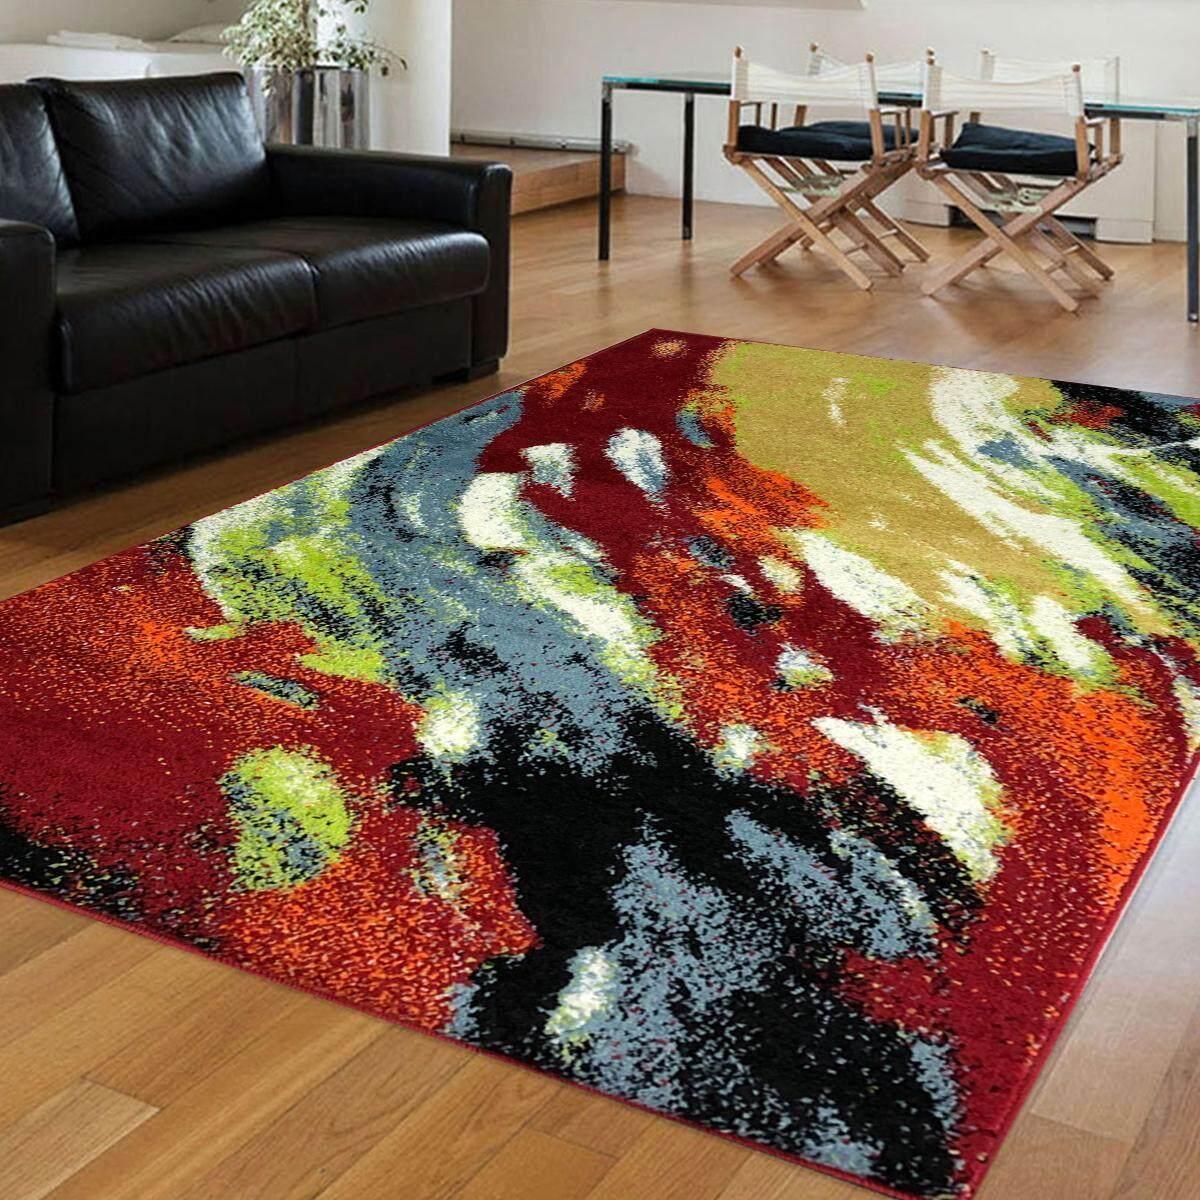 Modern Carpet Da Vinci - Code 1212